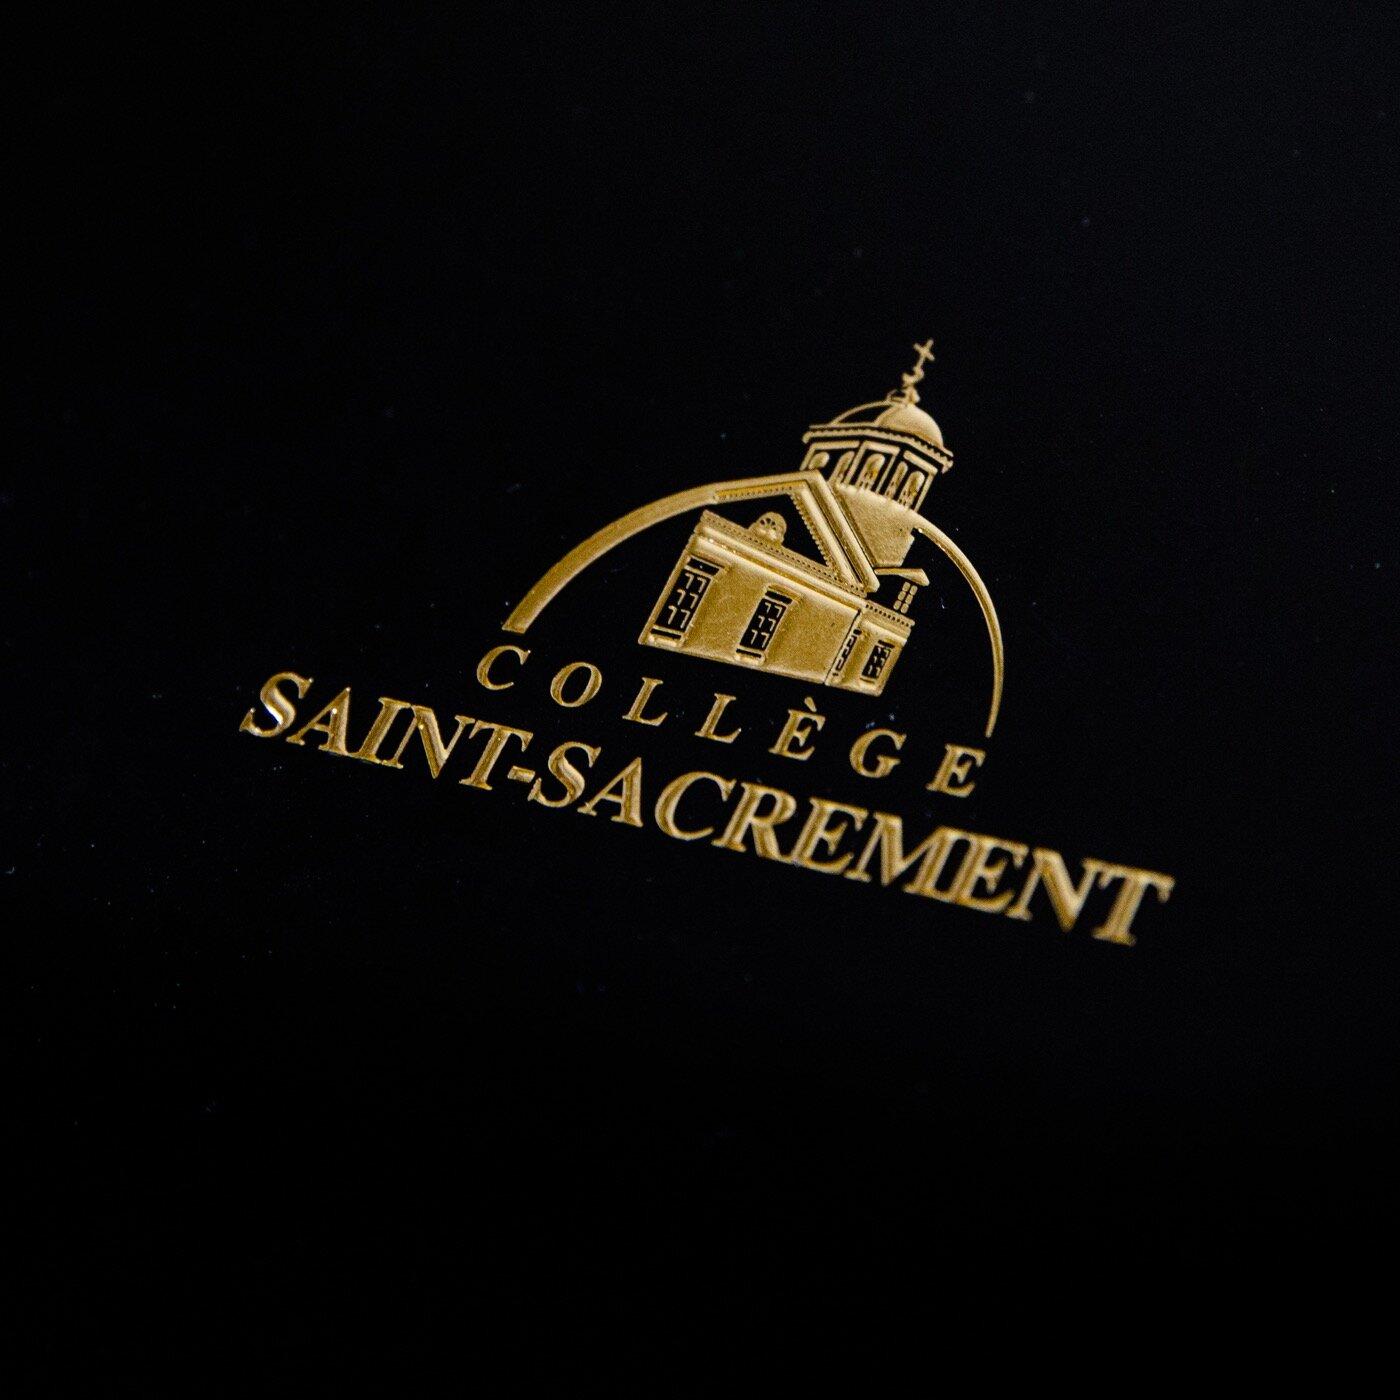 college-saint-sacrement-olivier-lamarre-design-graphiste-1.jpg